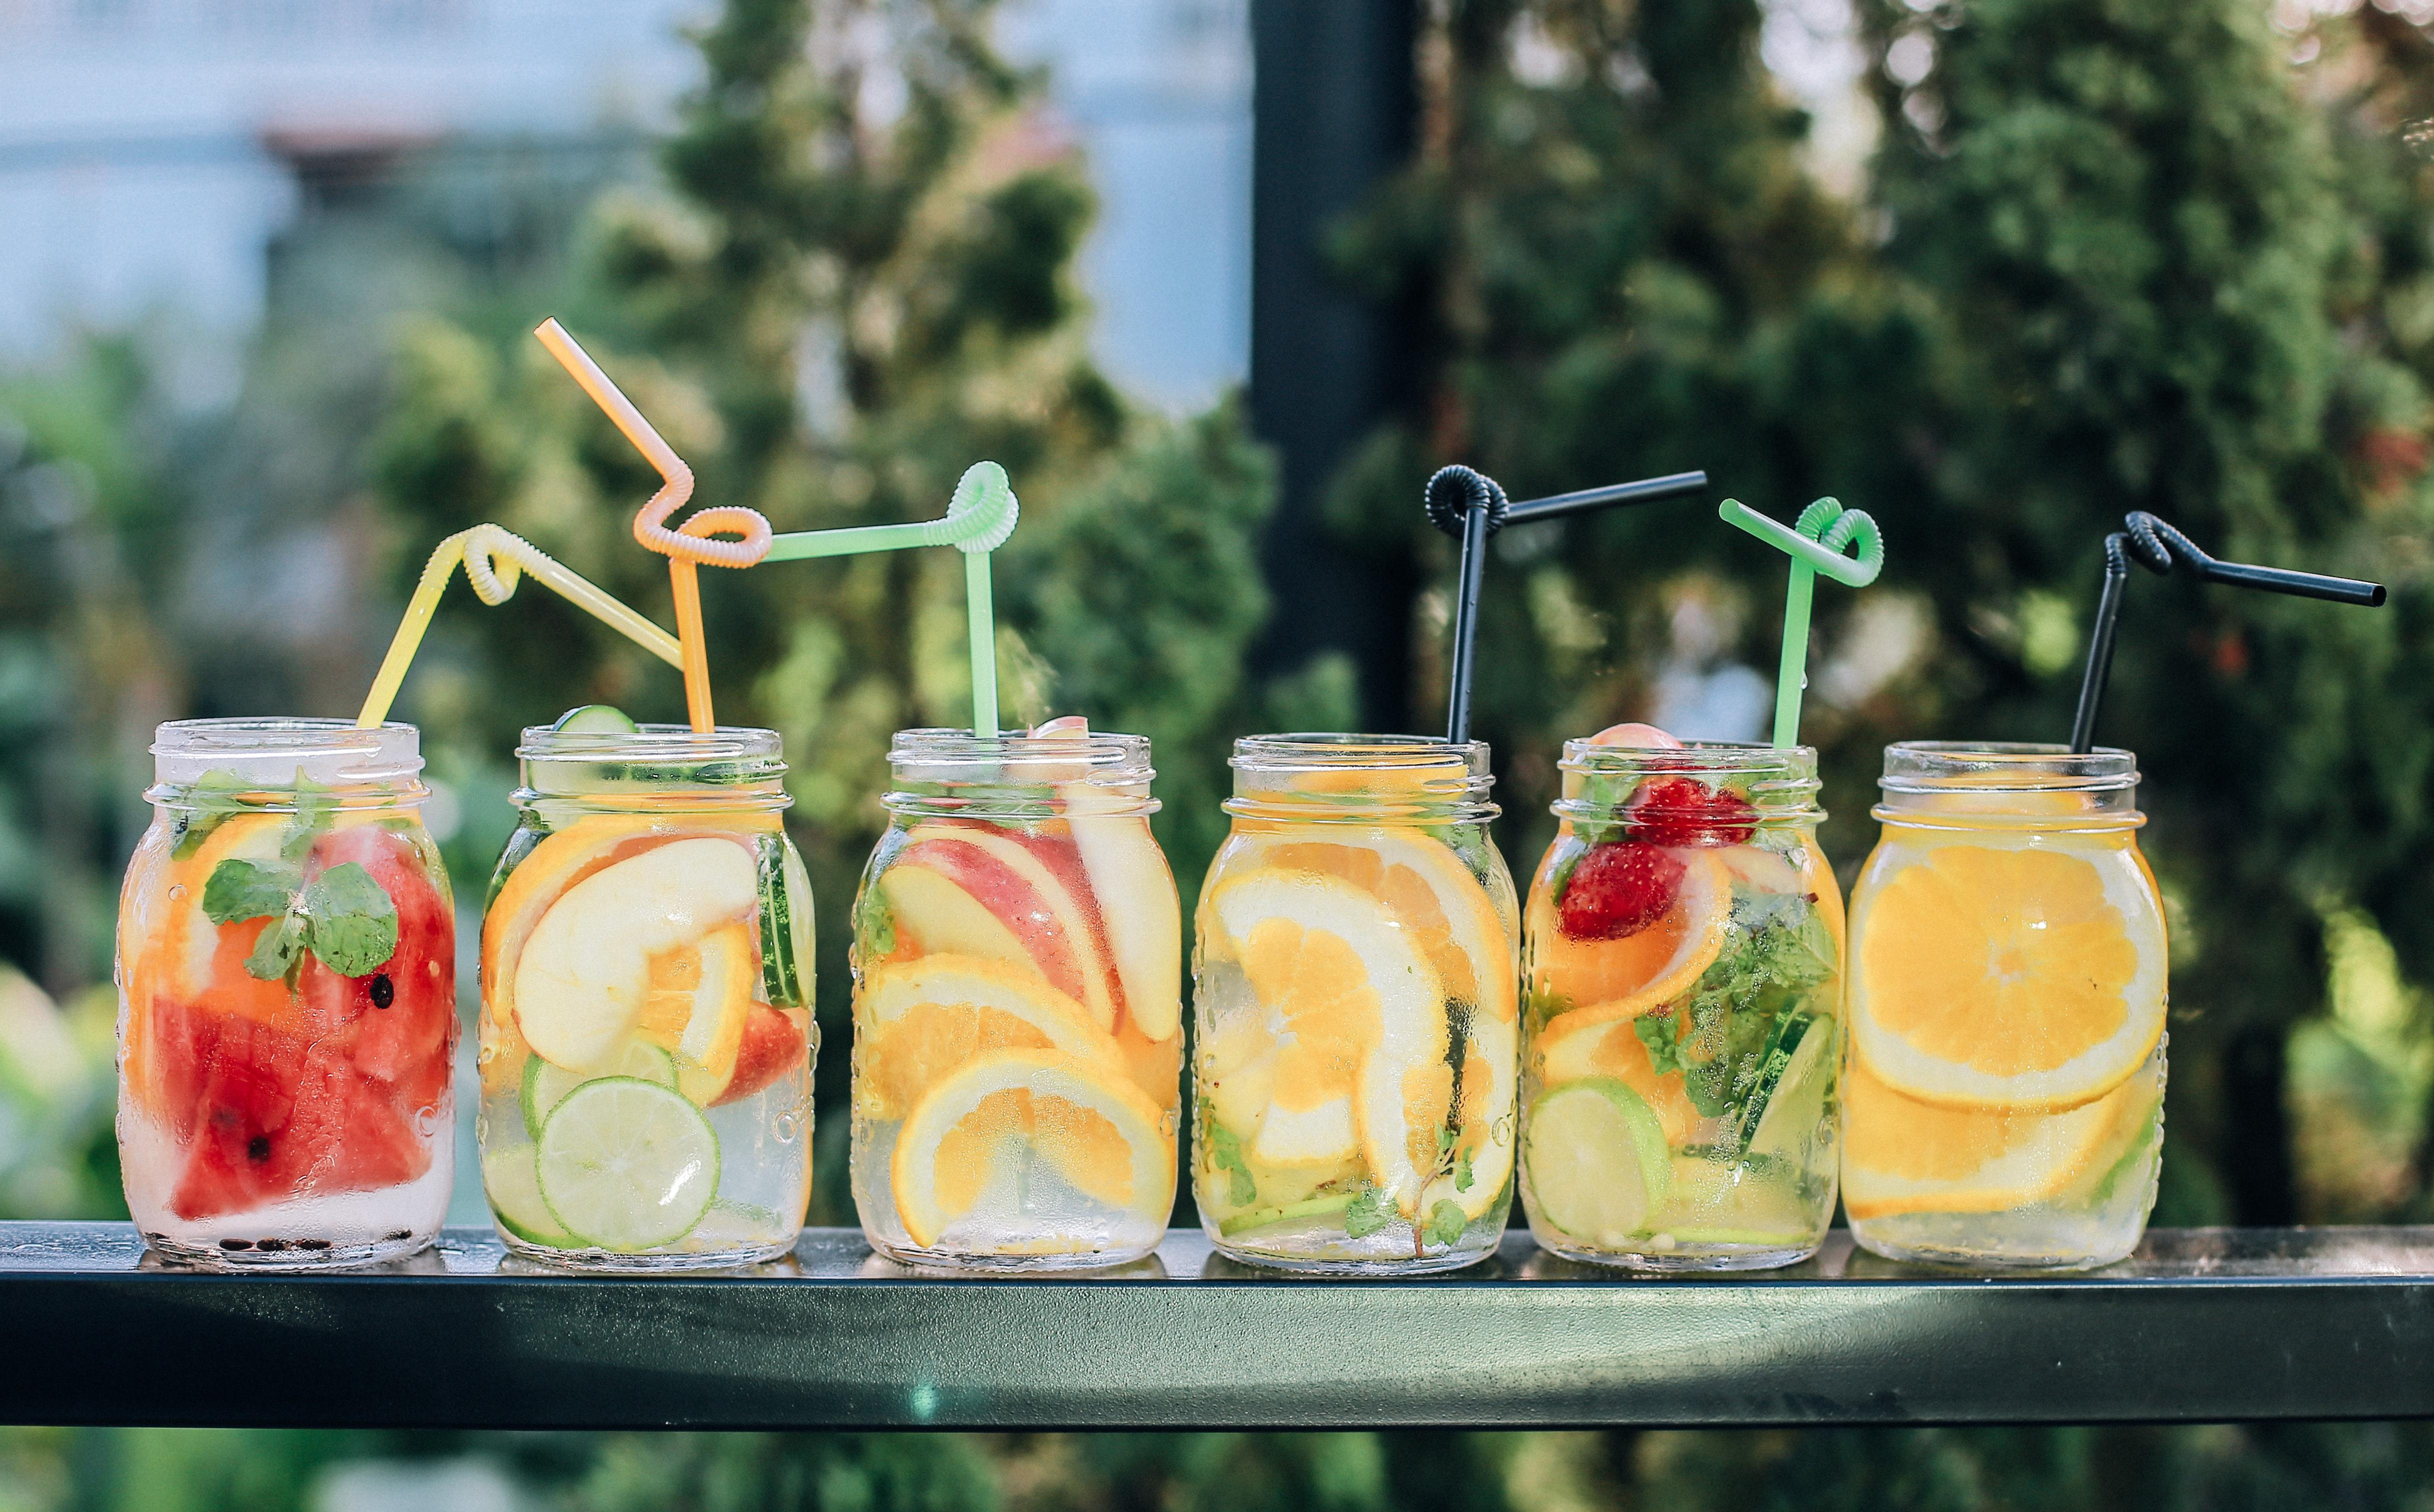 Léto zdravě a chutně III: Tipy na jedinečné nápoje plné lahodné chuti